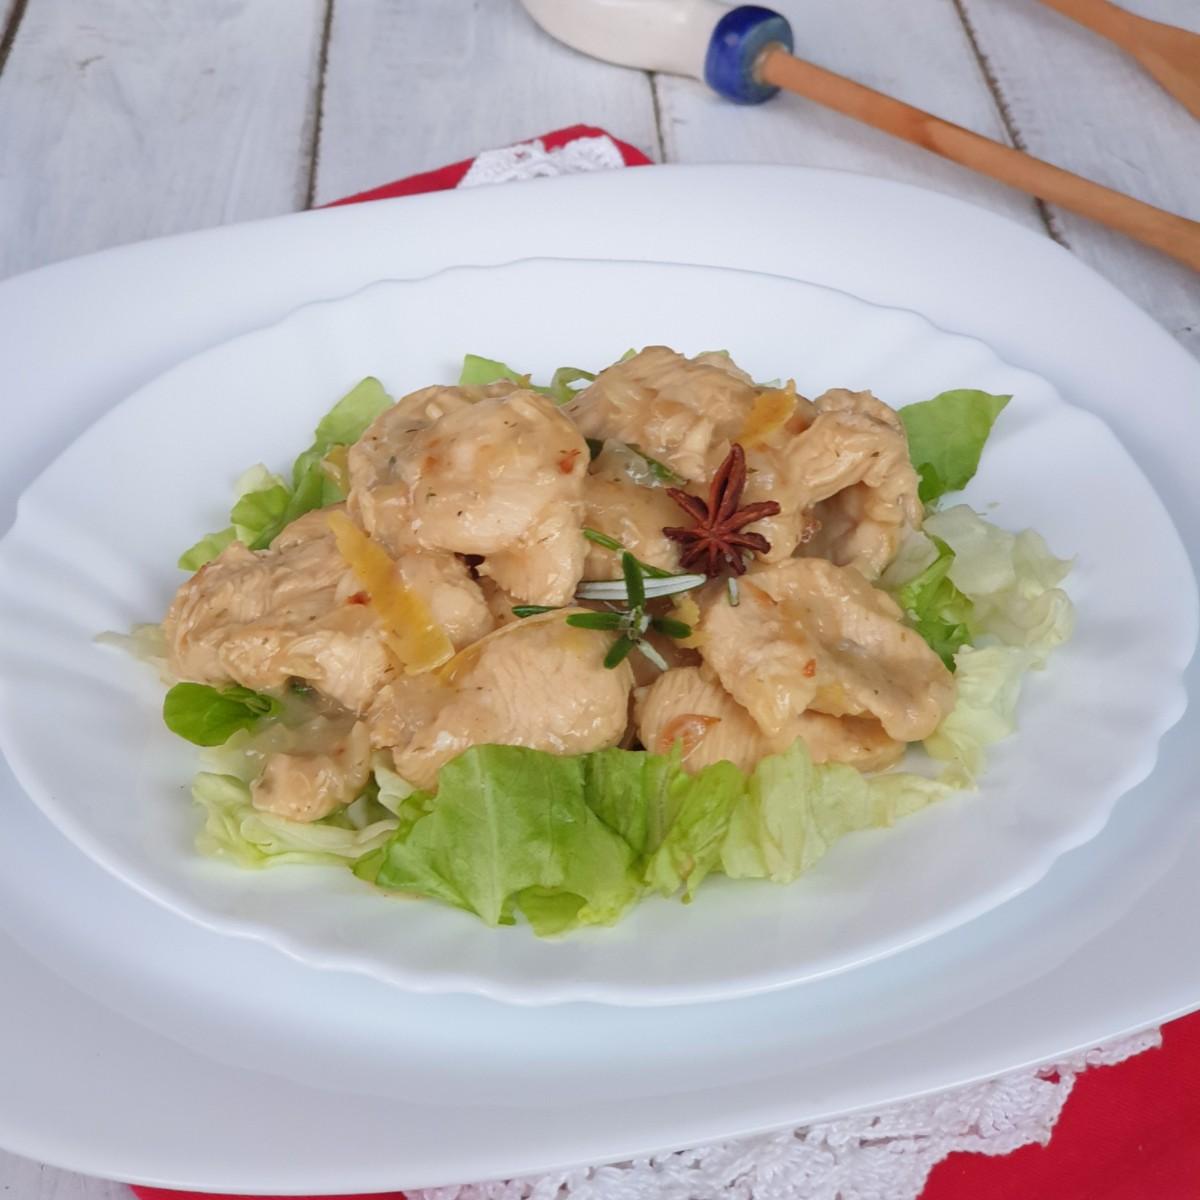 PETTI DI POLLO AGRODOLCI ricetta straccetti di pollo al limone in padella